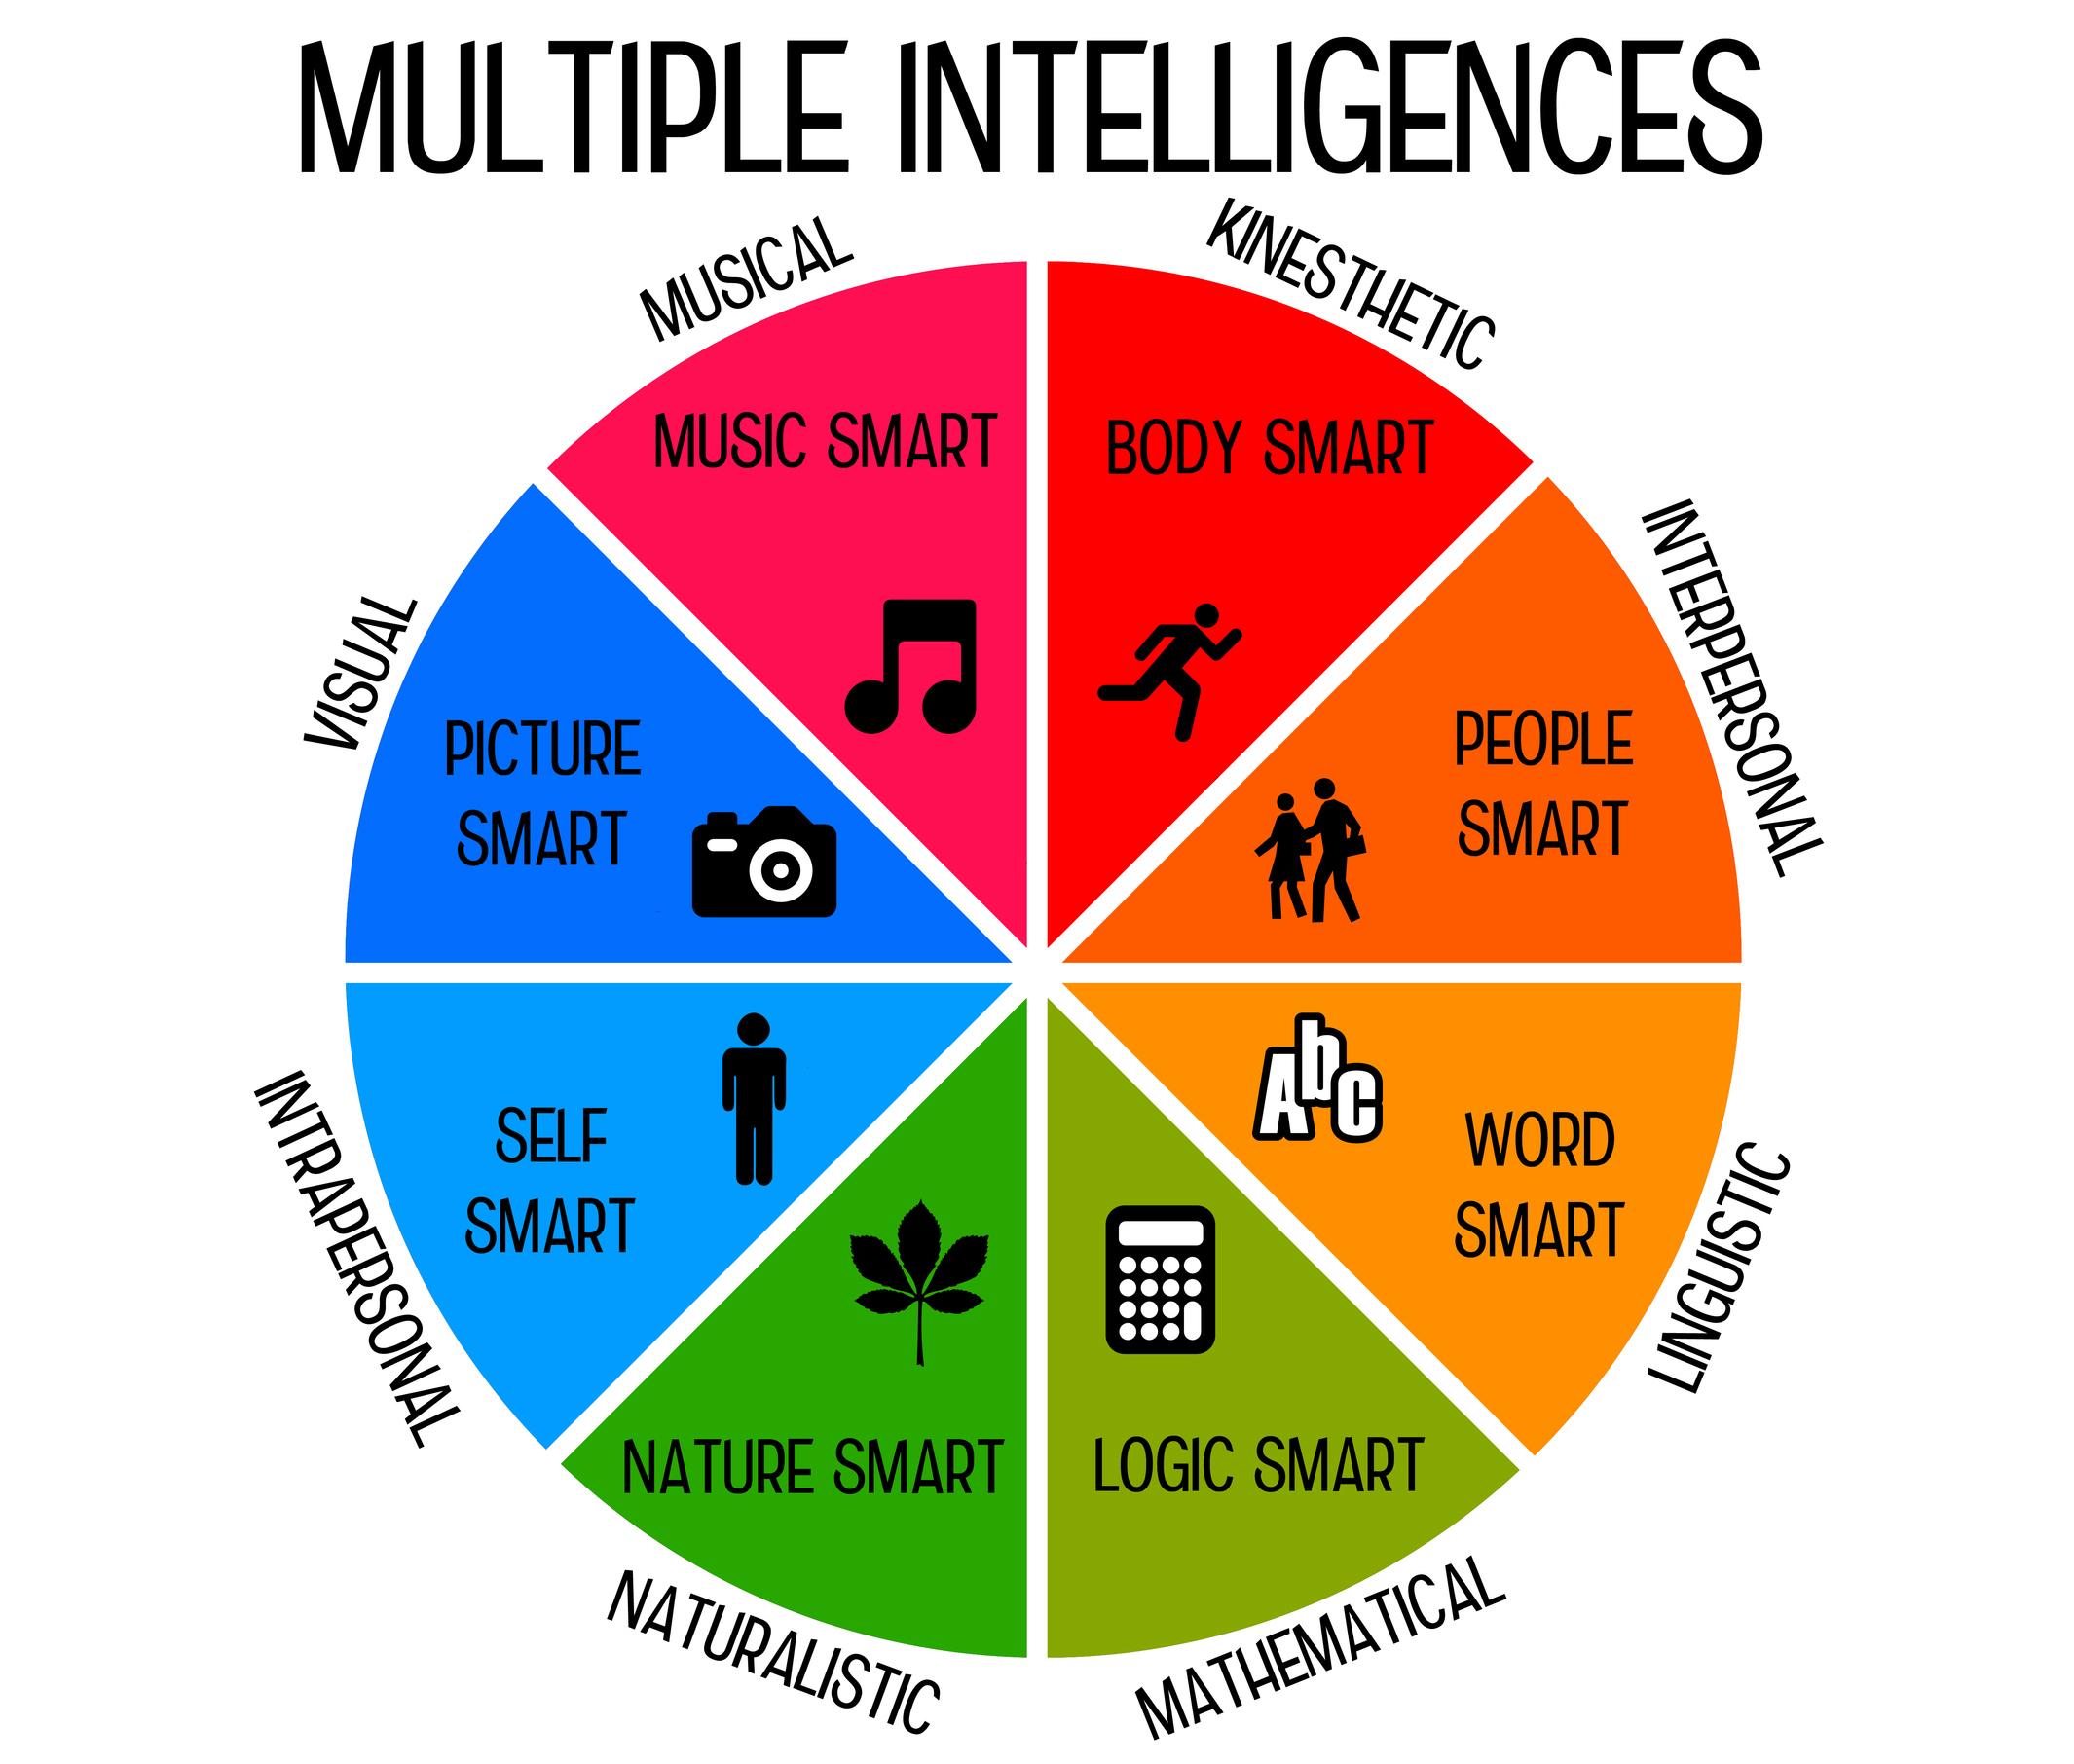 Tests D'intelligence Gratuits - Test De Qi Gratuit | Version intérieur Quiz Logique Gratuit